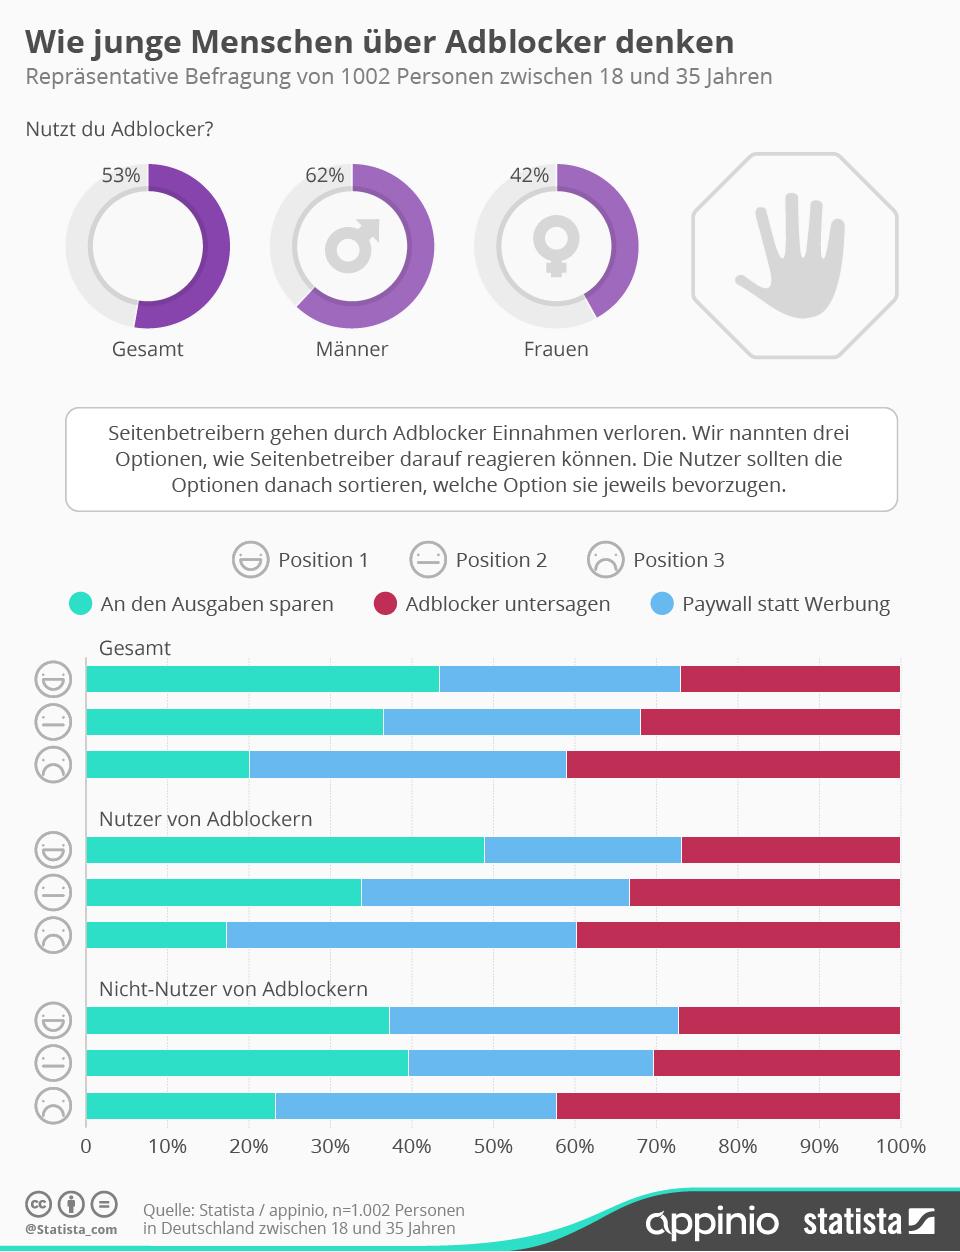 Infografik: Wie junge Menschen über Adblocker denken | Statista